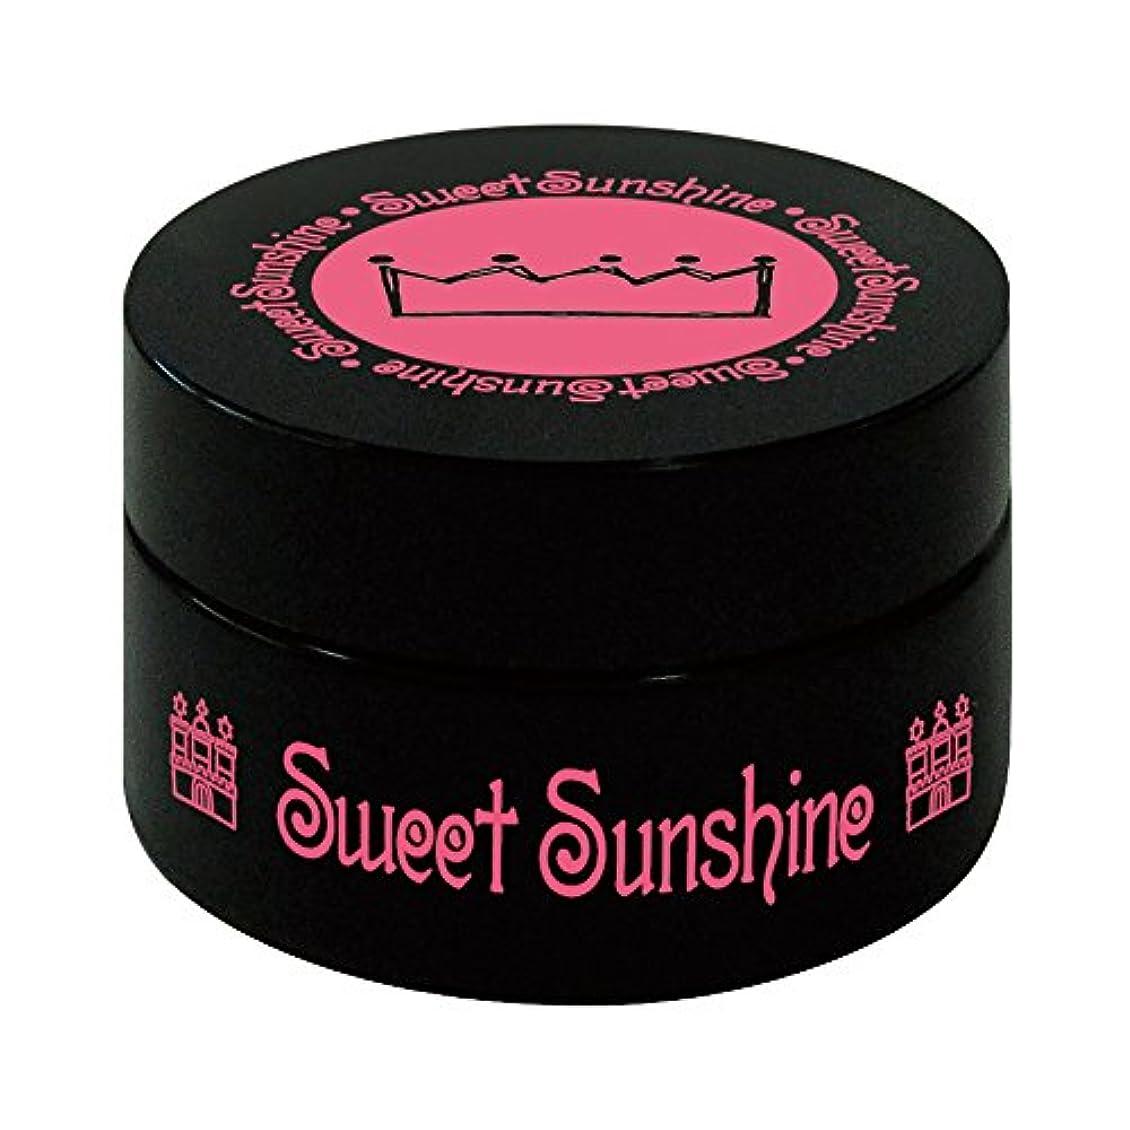 心理的に何もない降臨最速硬化LED対応 Sweet Sunshine スィート サンシャイン カラージェル SC-10 4g サマーパステルオレンジ